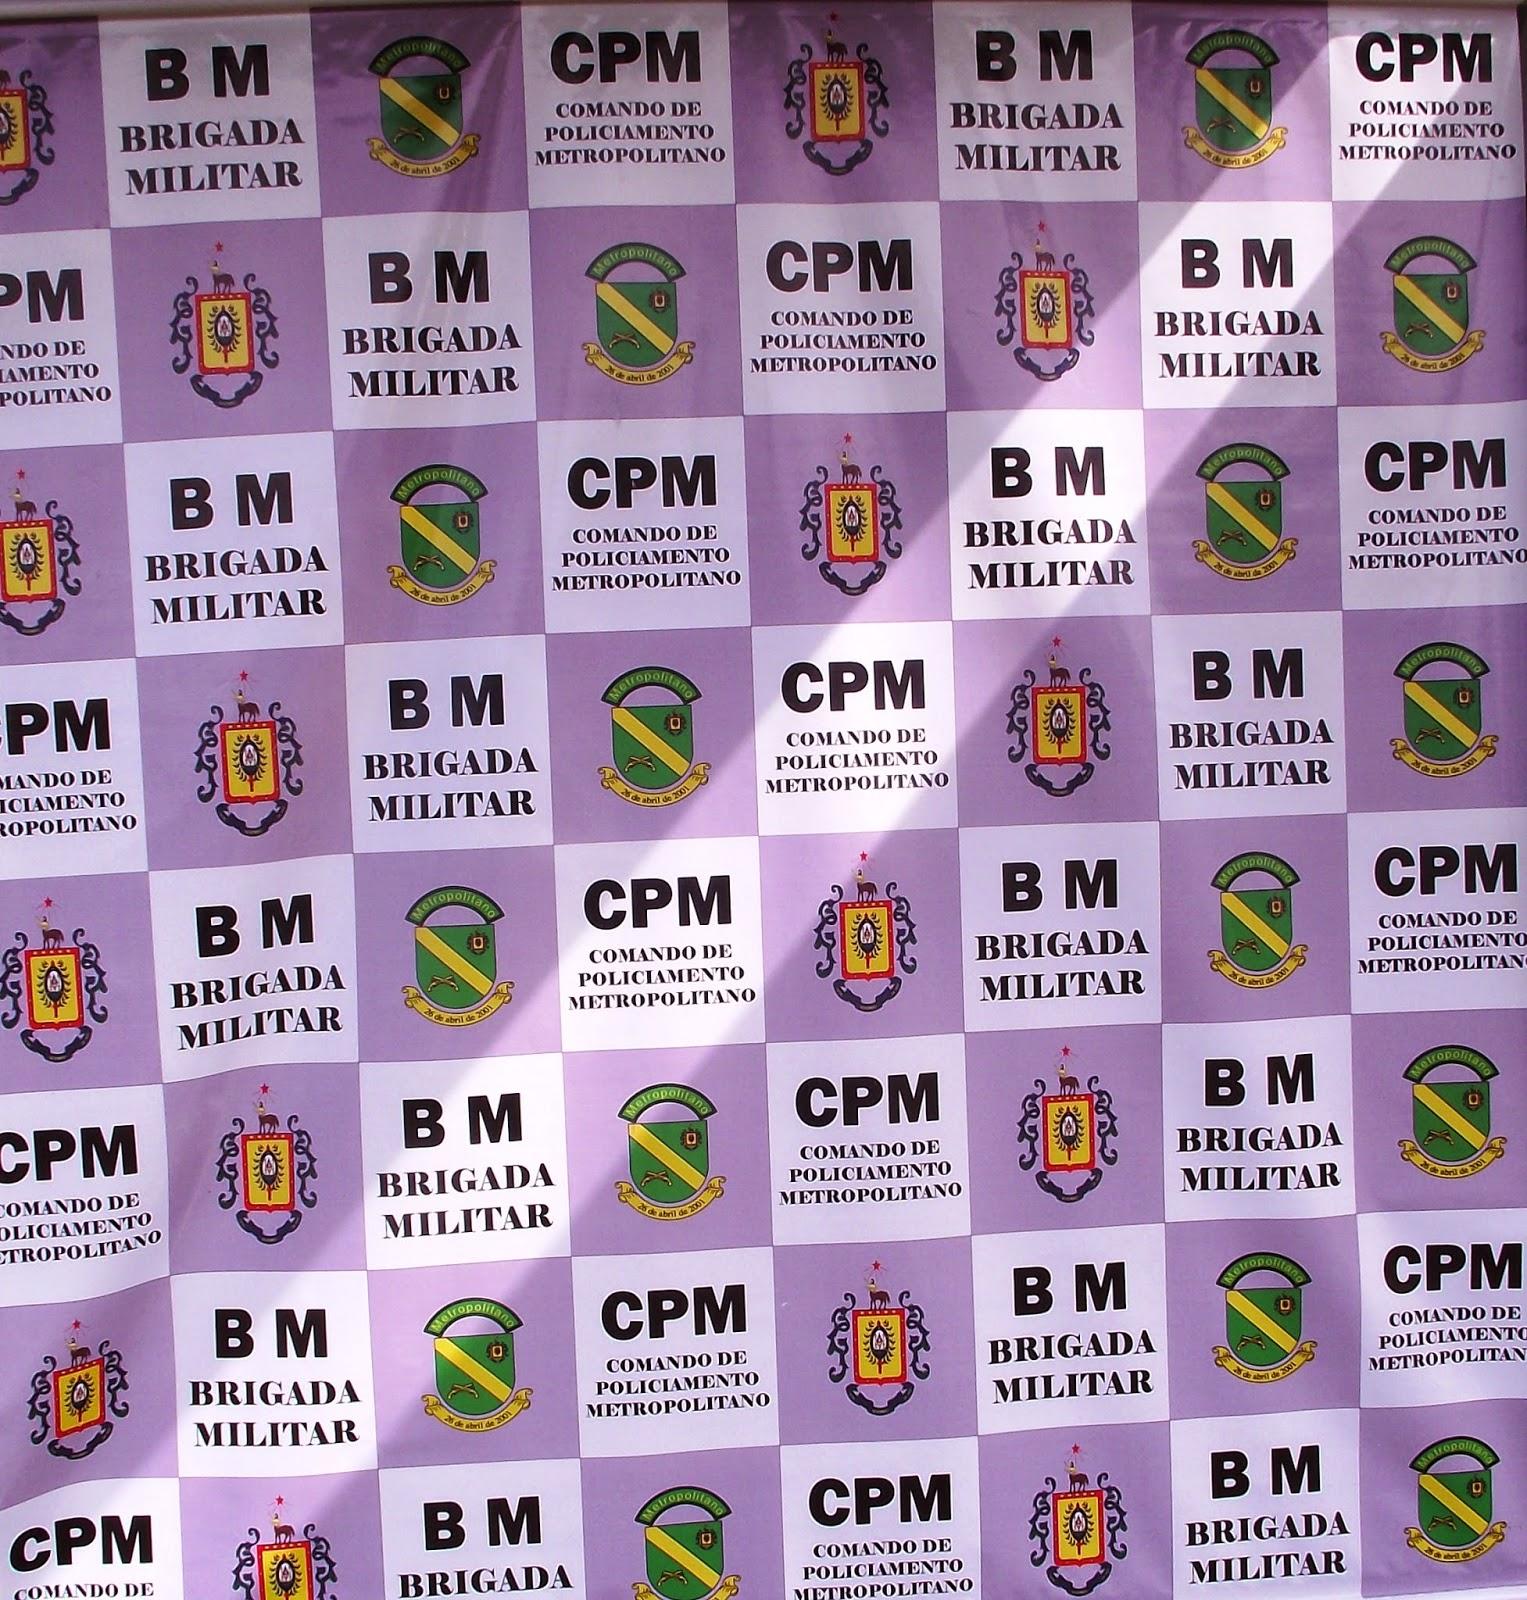 http://cpmbmrs.blogspot.com.br